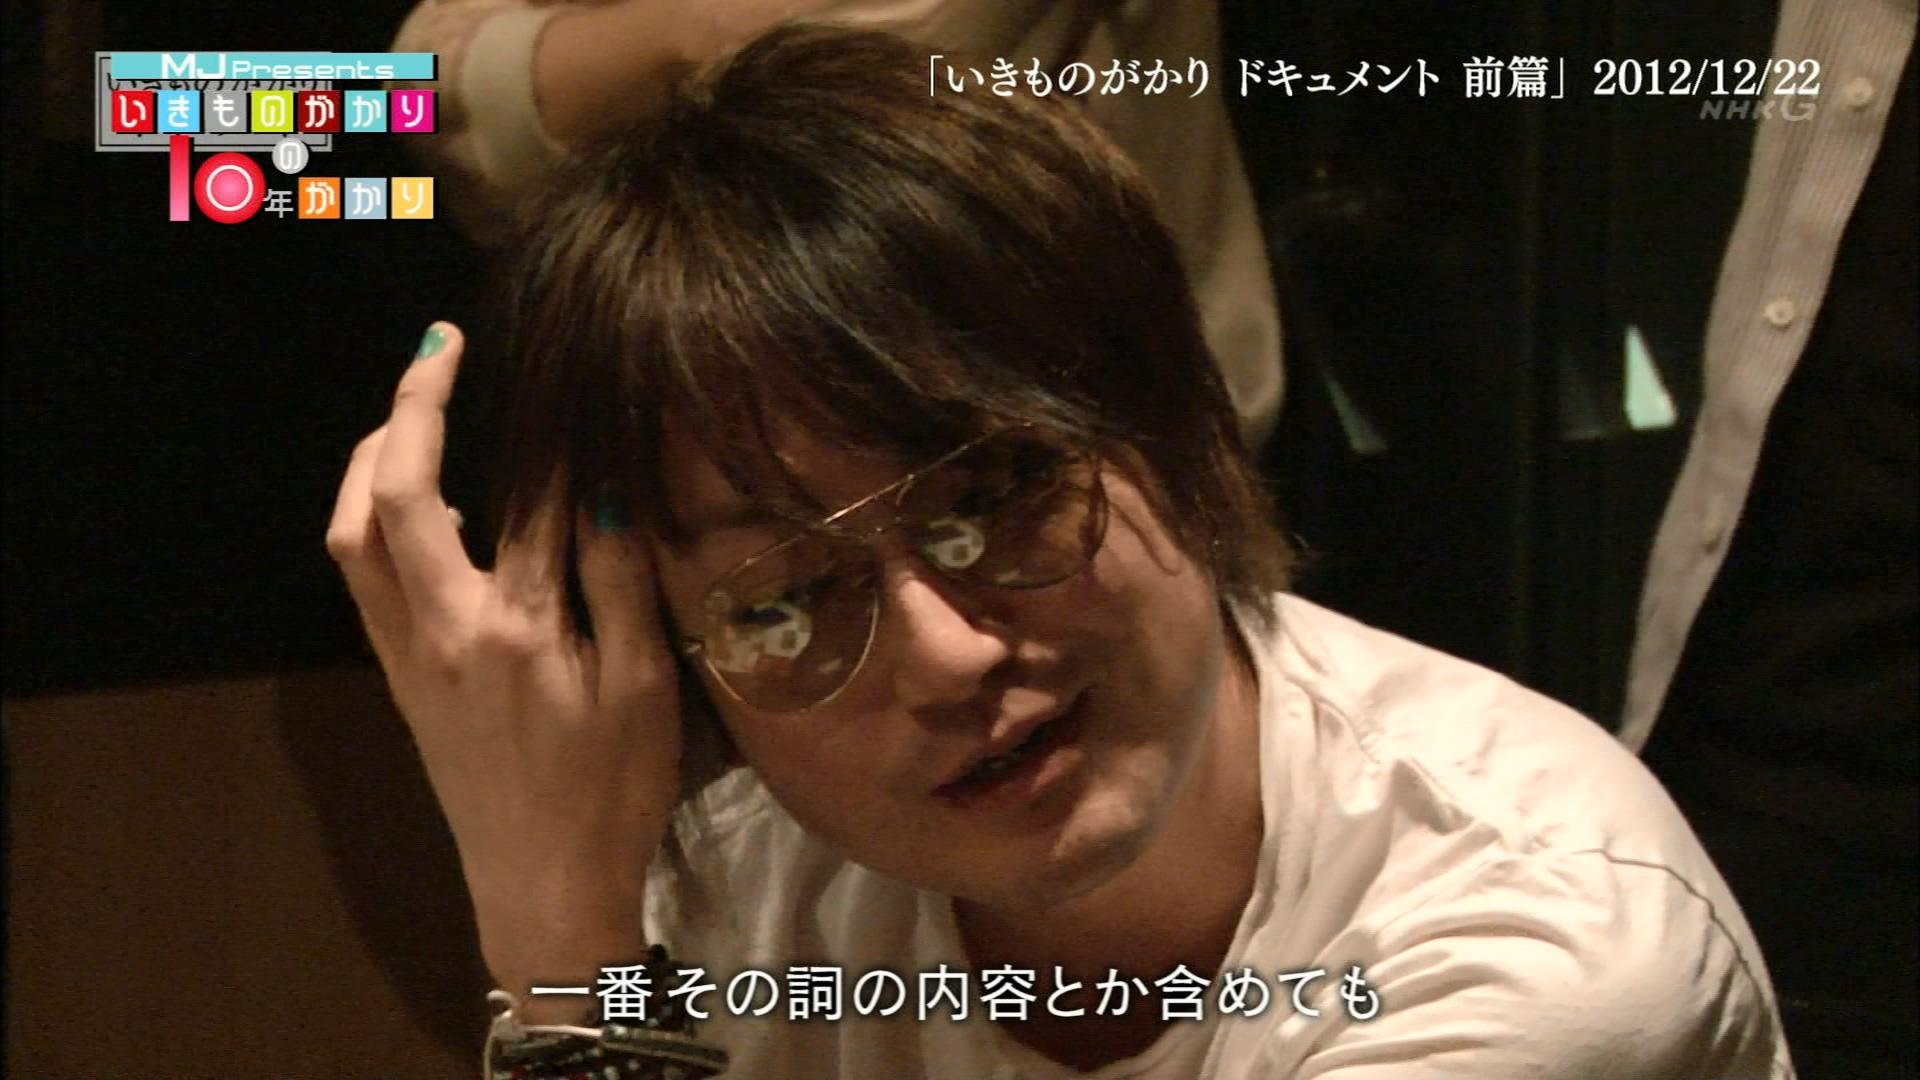 2016.03.20 いきものがかり - いきものがかりの10年がかり(MJ Presents).ts_20160321_033240.287